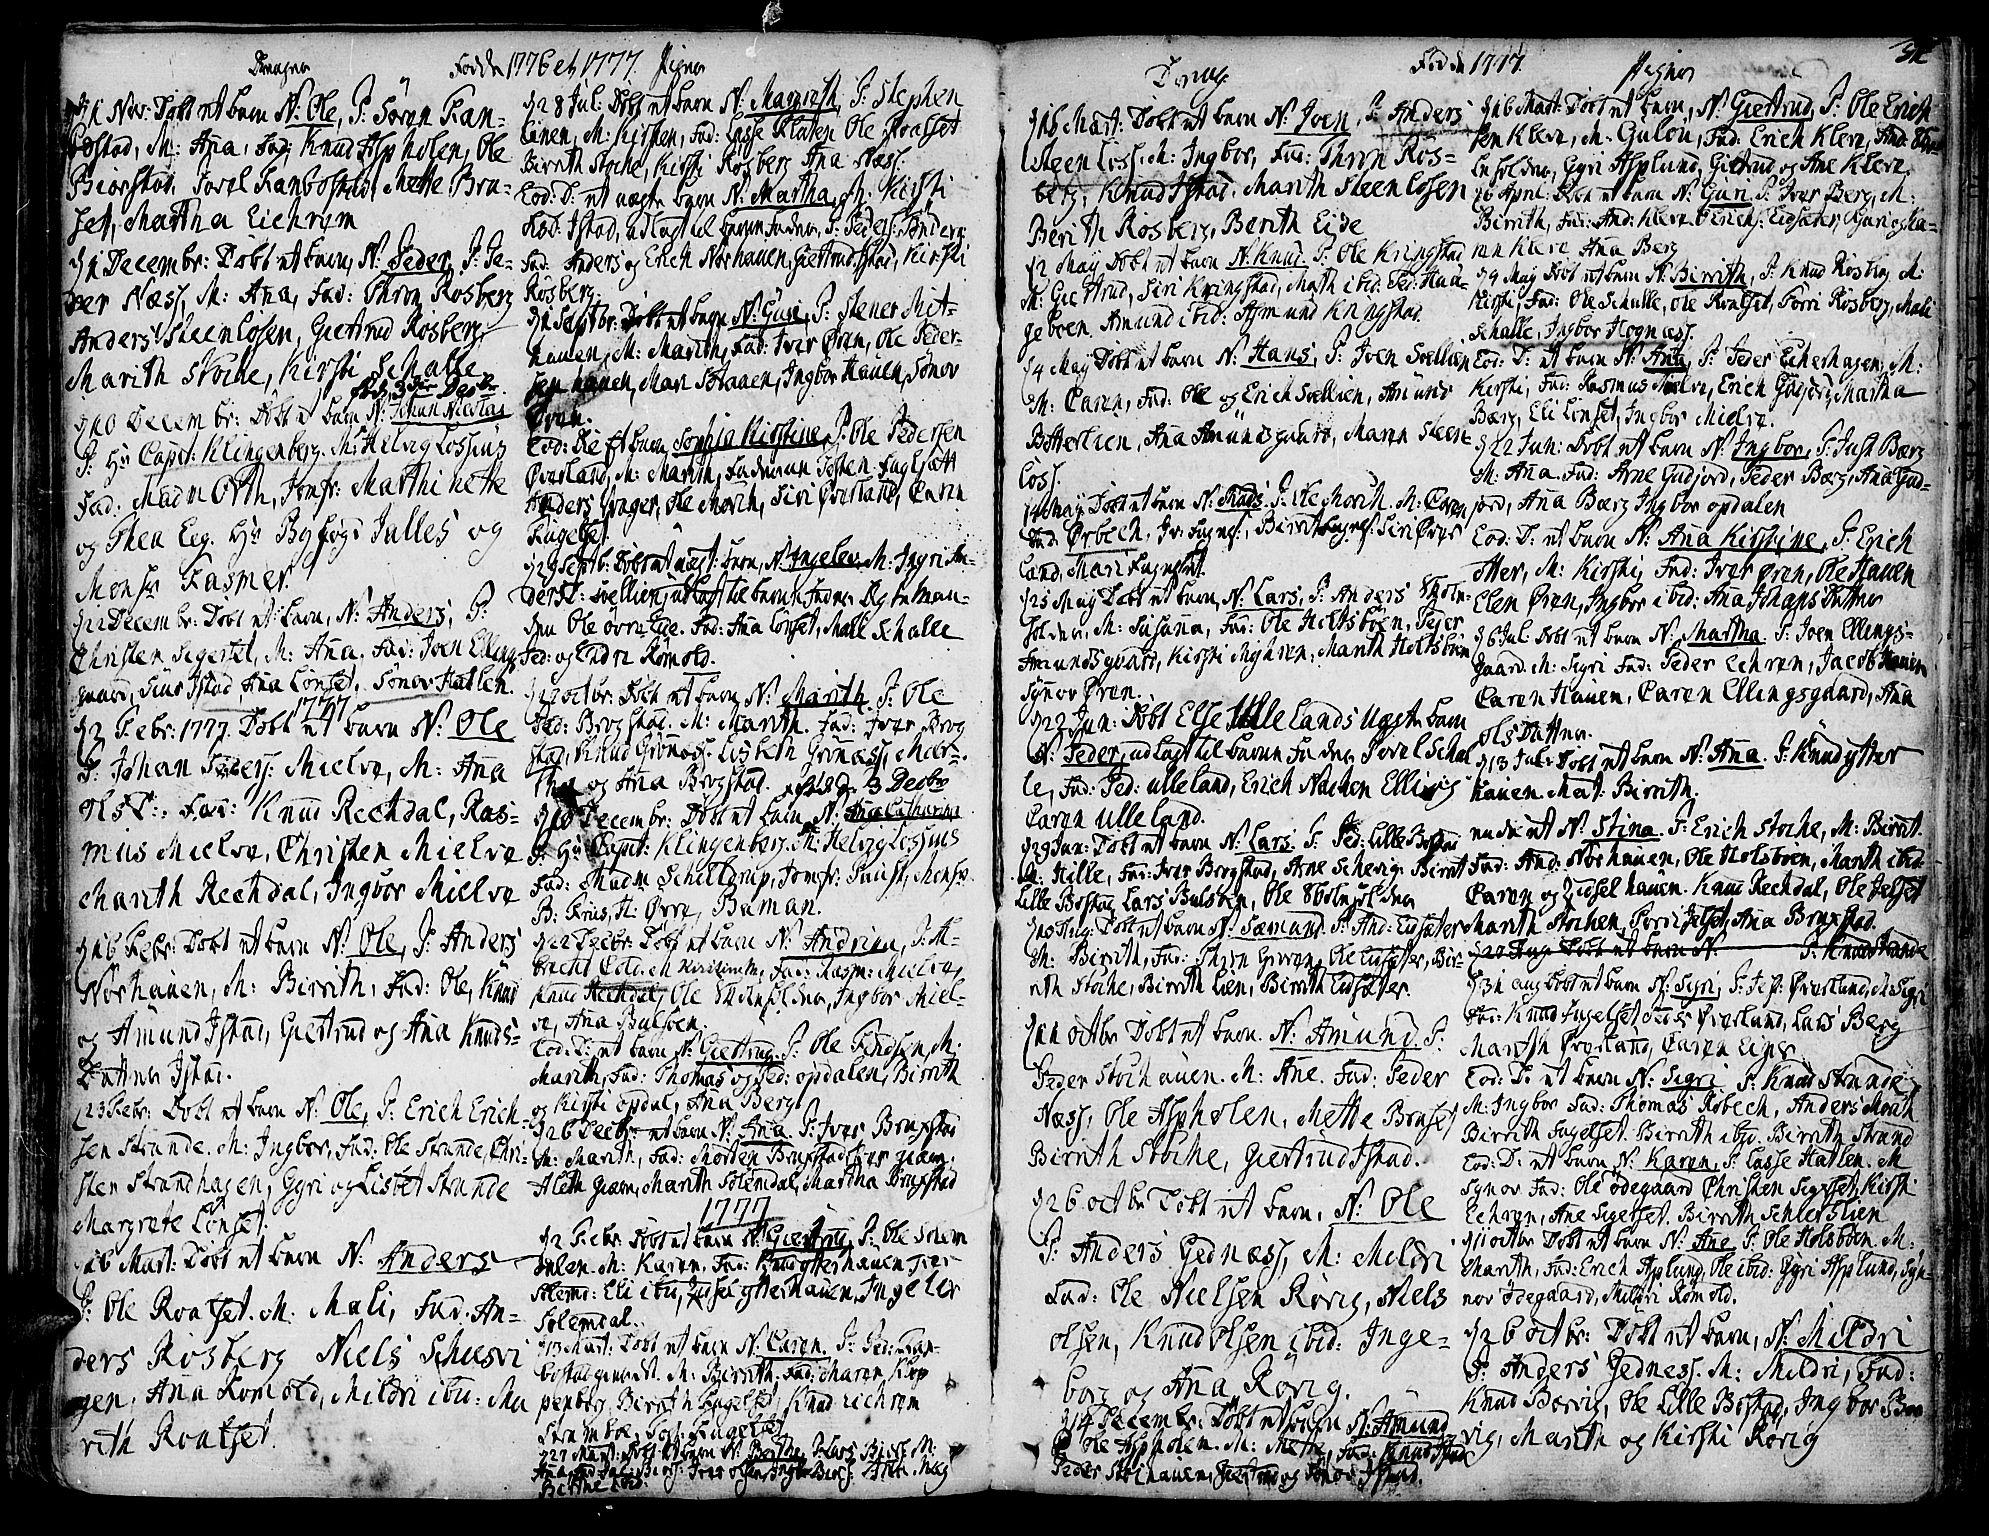 SAT, Ministerialprotokoller, klokkerbøker og fødselsregistre - Møre og Romsdal, 555/L0648: Ministerialbok nr. 555A01, 1759-1793, s. 51